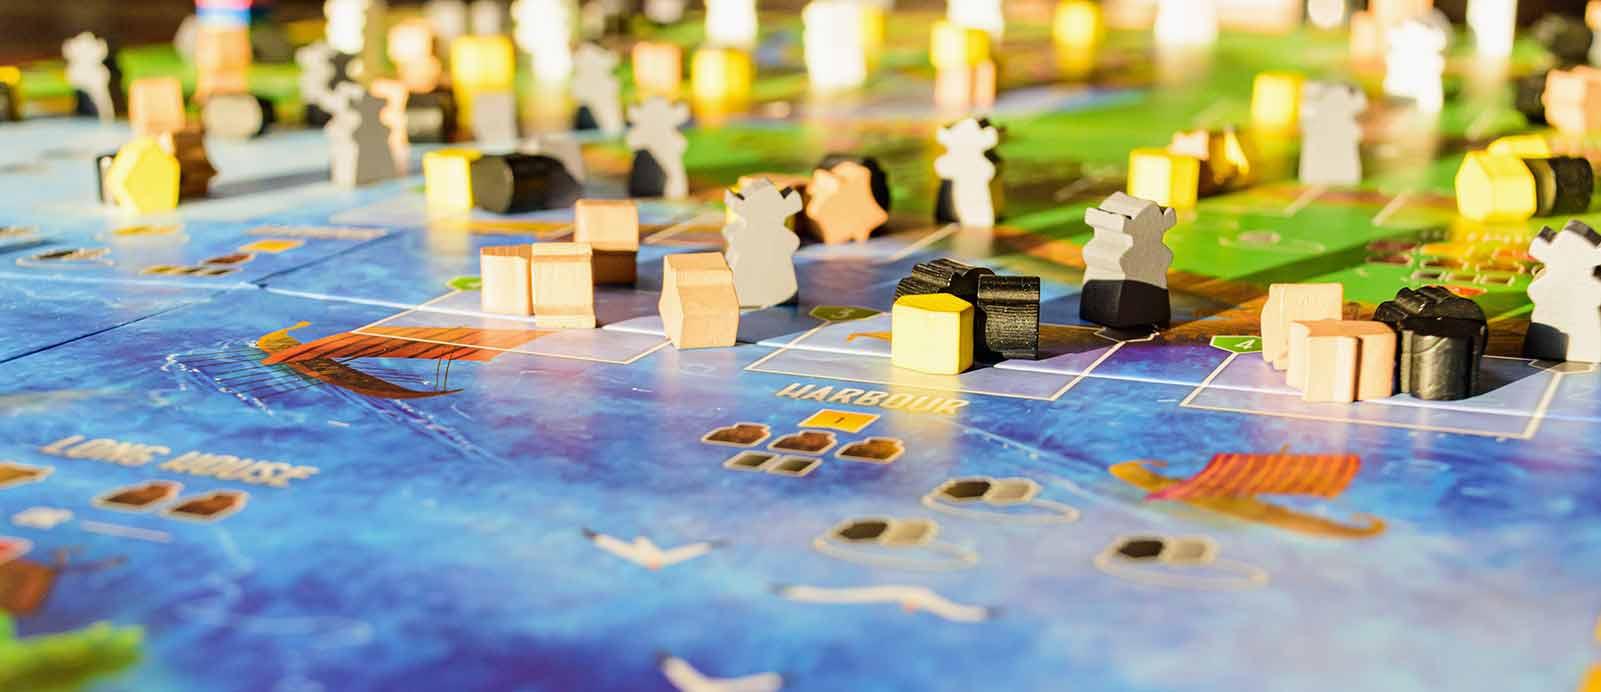 el juego de mesa perfecto foto banner piezas